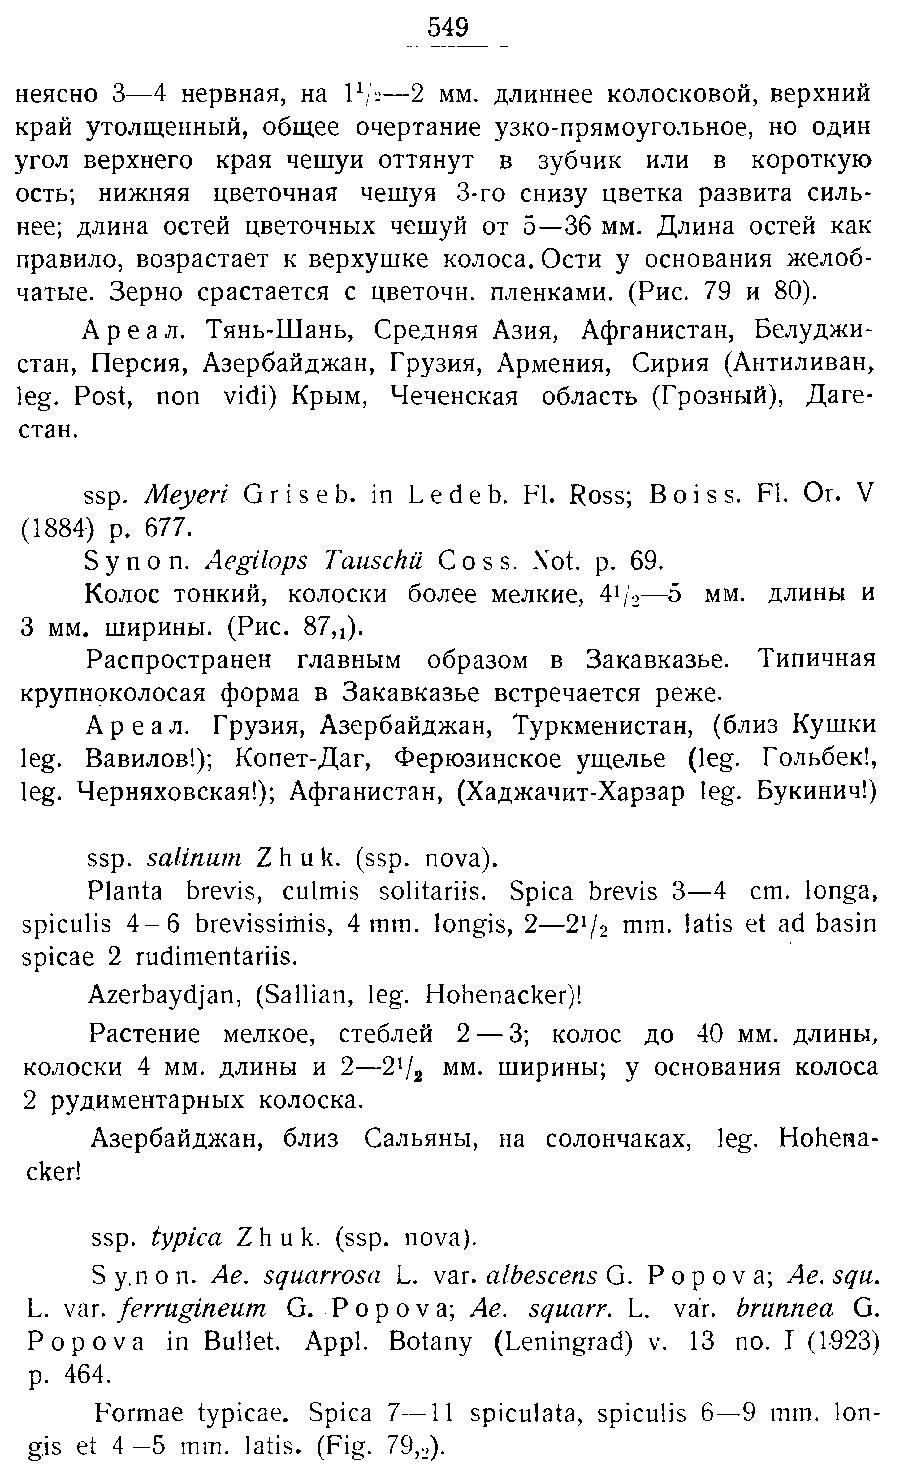 https://forum.plantarium.ru/misc.php?action=pun_attachment&item=27162